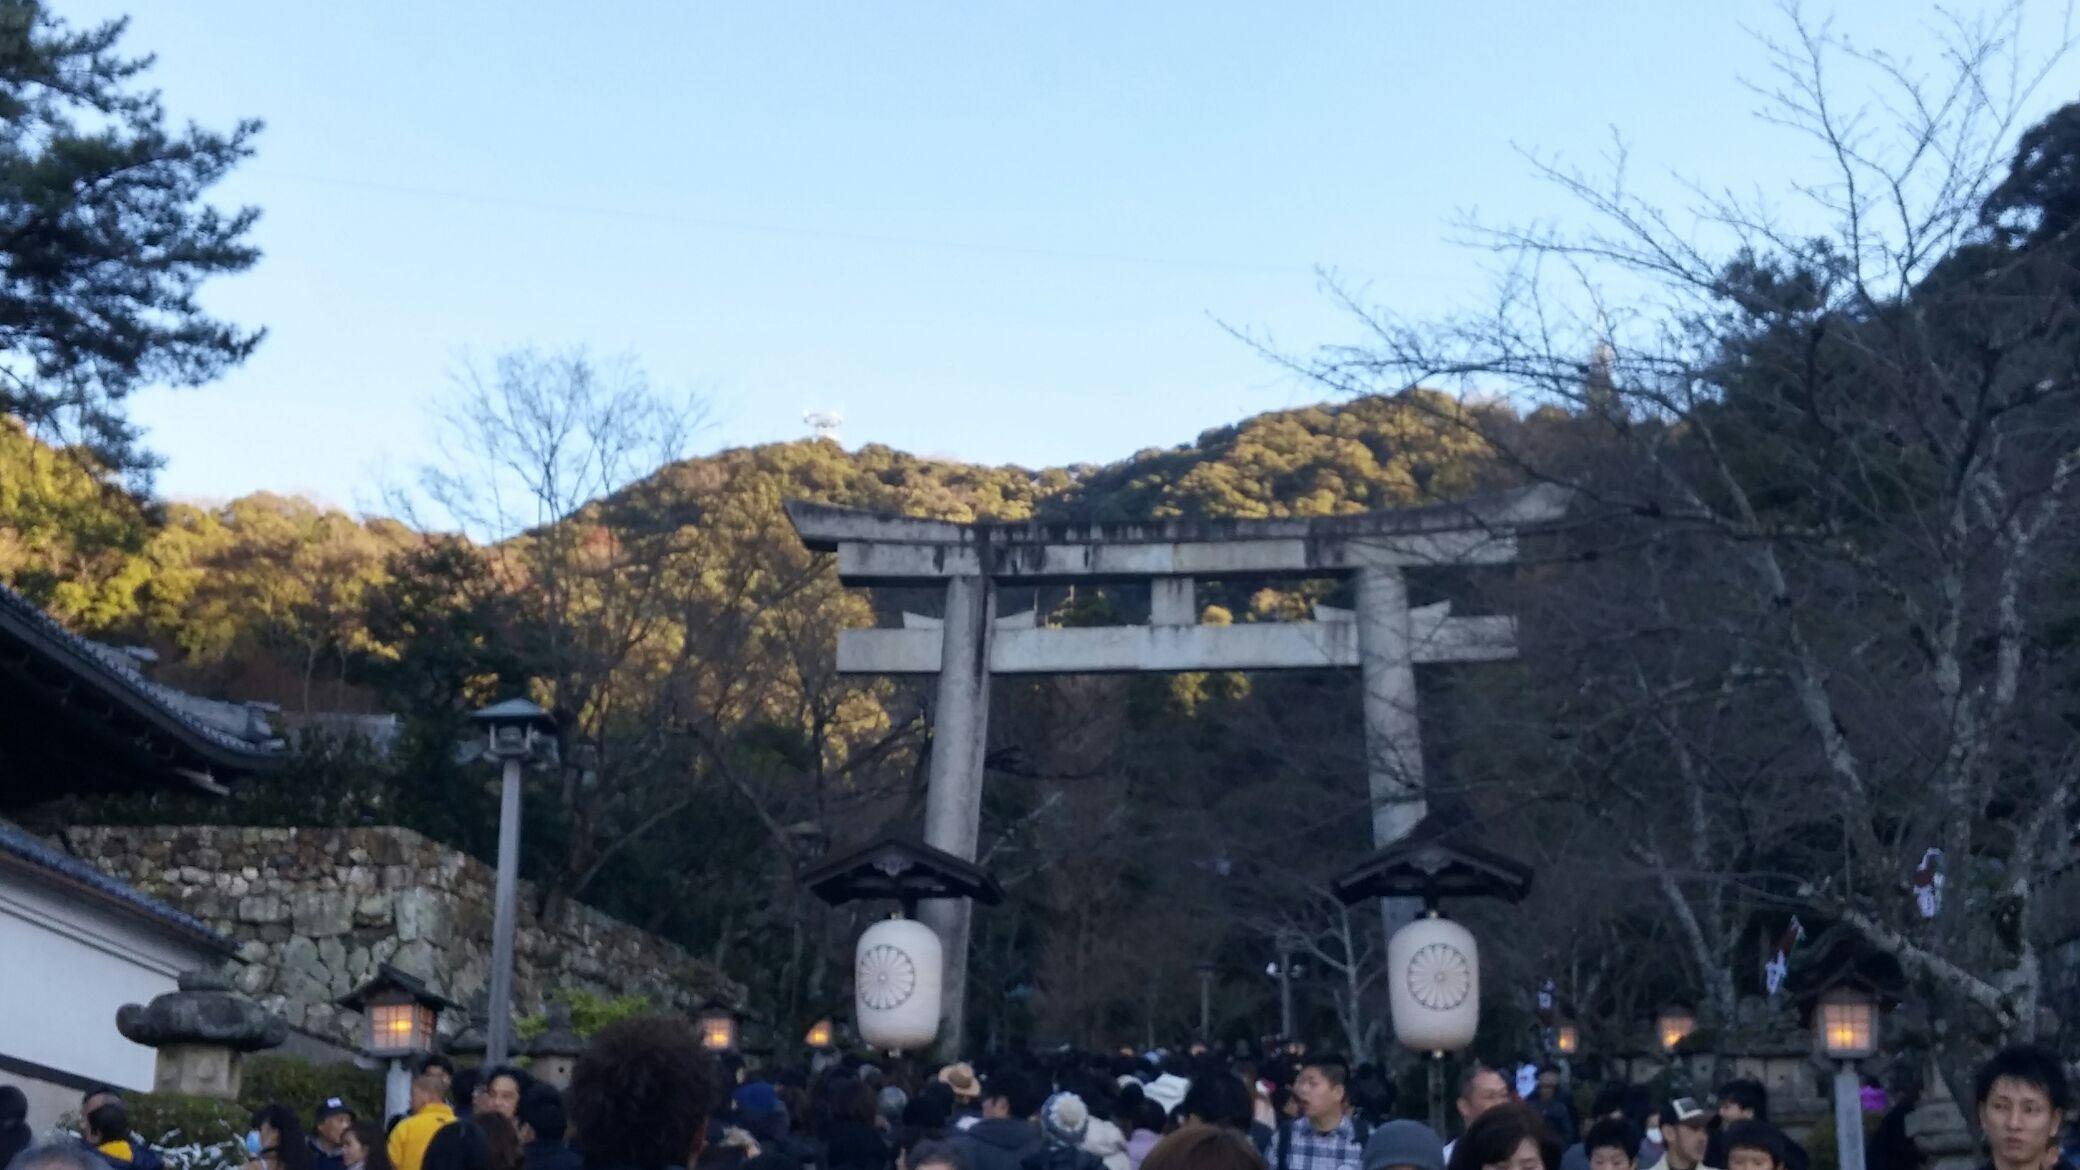 平成廿八年 一月一日 伊奈波神社參拜 於岐阜縣岐阜市 _a0165993_20153432.jpg